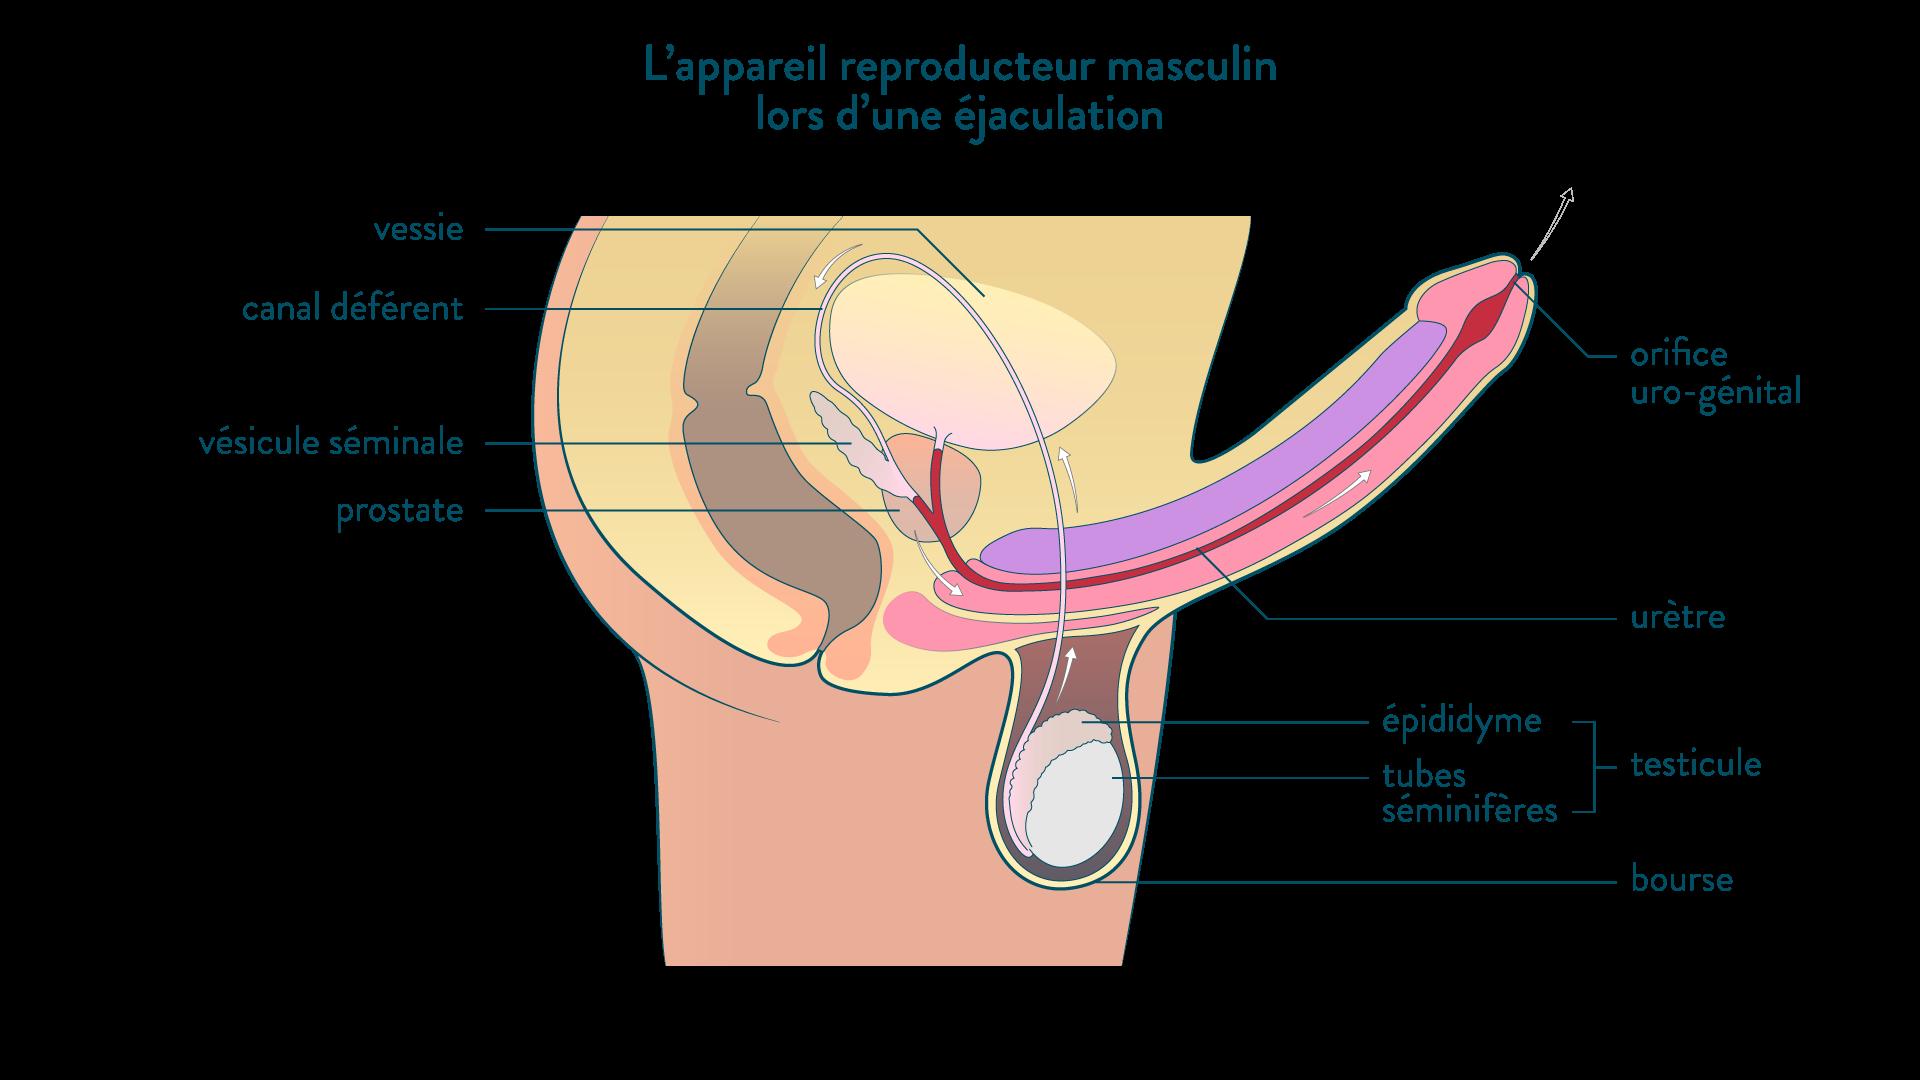 L'appareil reproducteur masculin lors d'une éjaculation